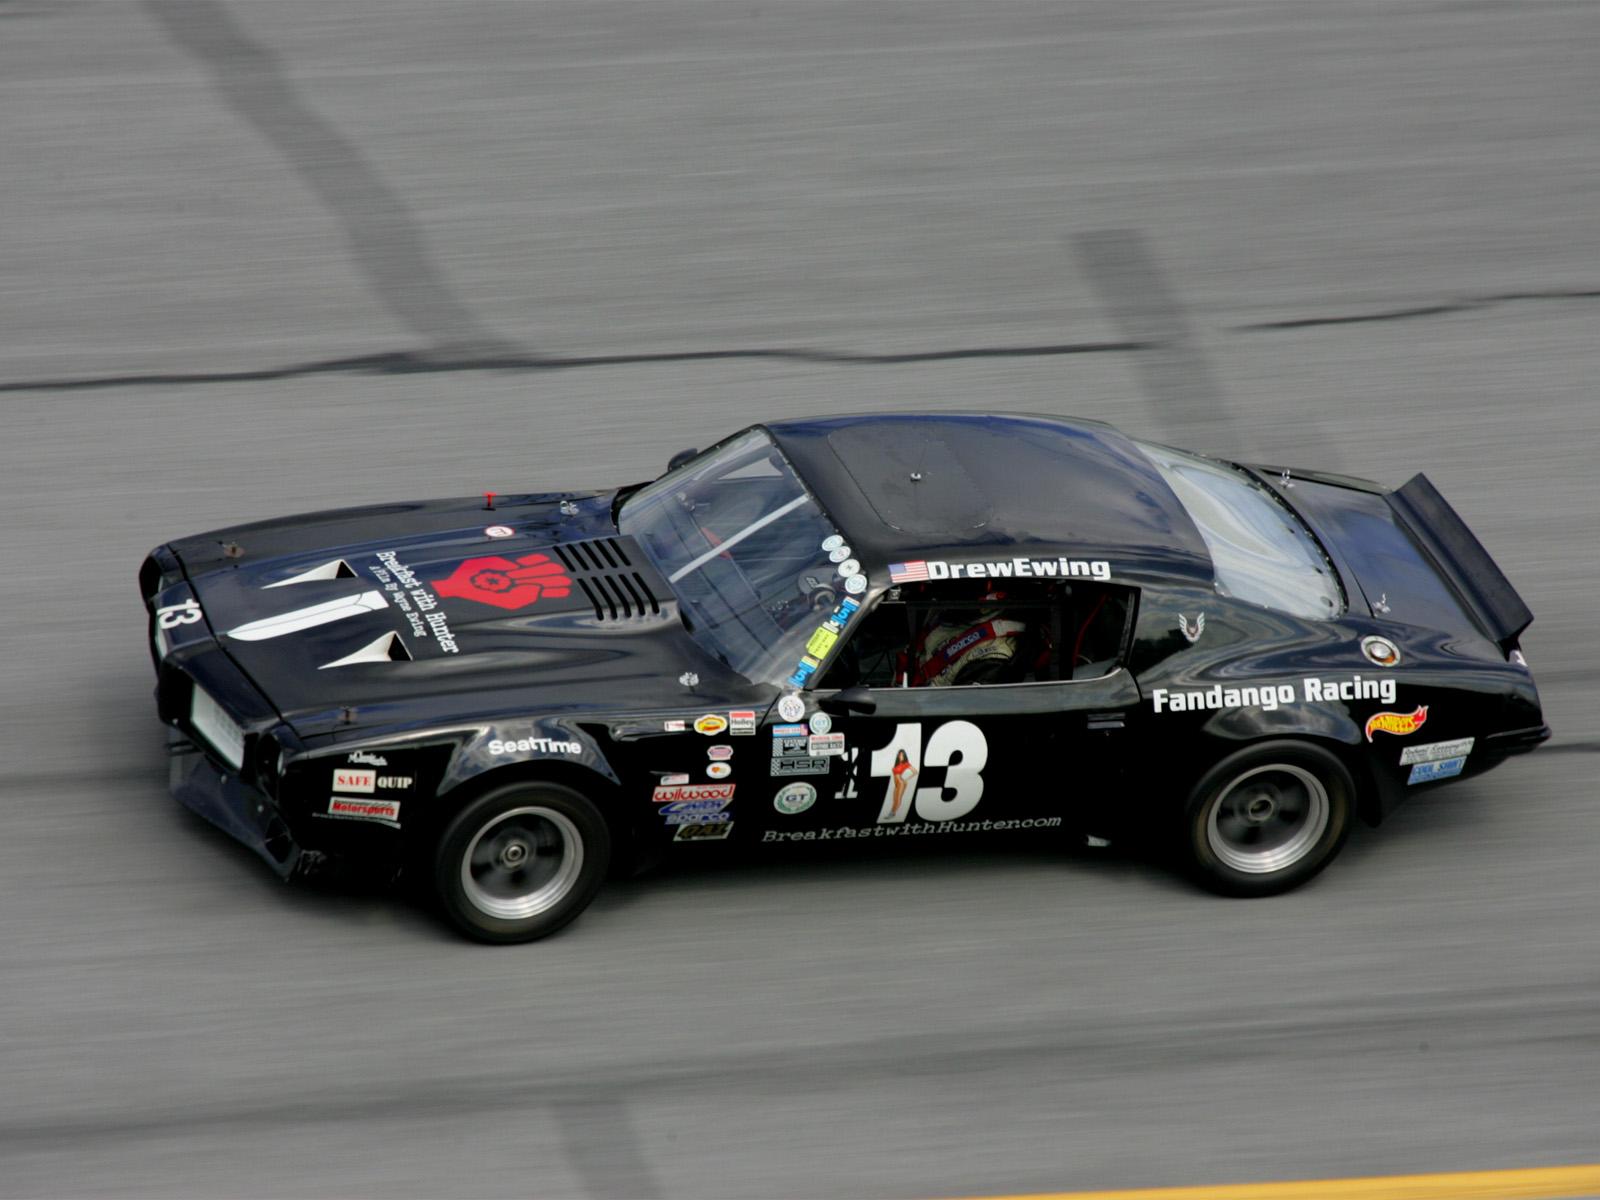 Download HQ Black car Racing Cars Wallpaper Num 8 1600 x 1200 1600x1200